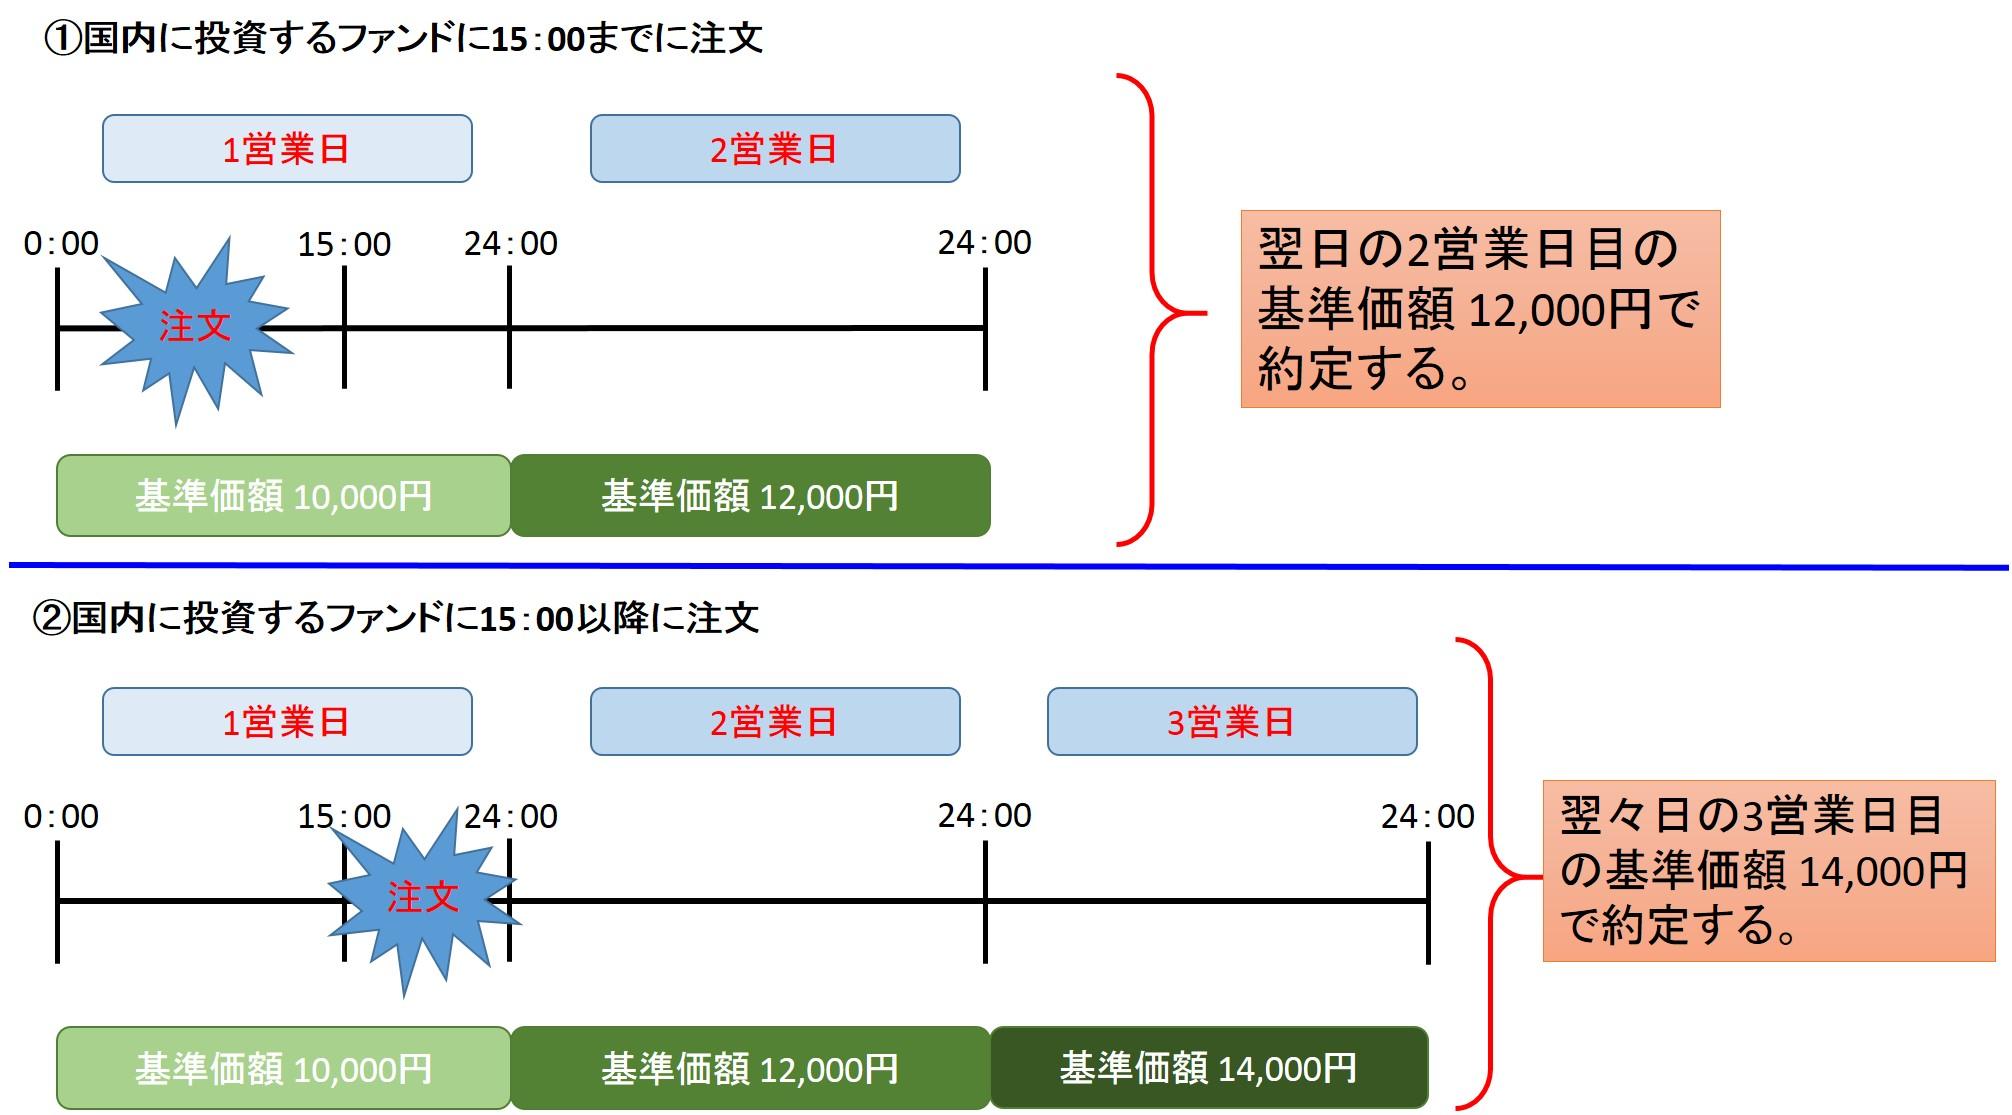 toushishintaku_ukewatashibi1-2